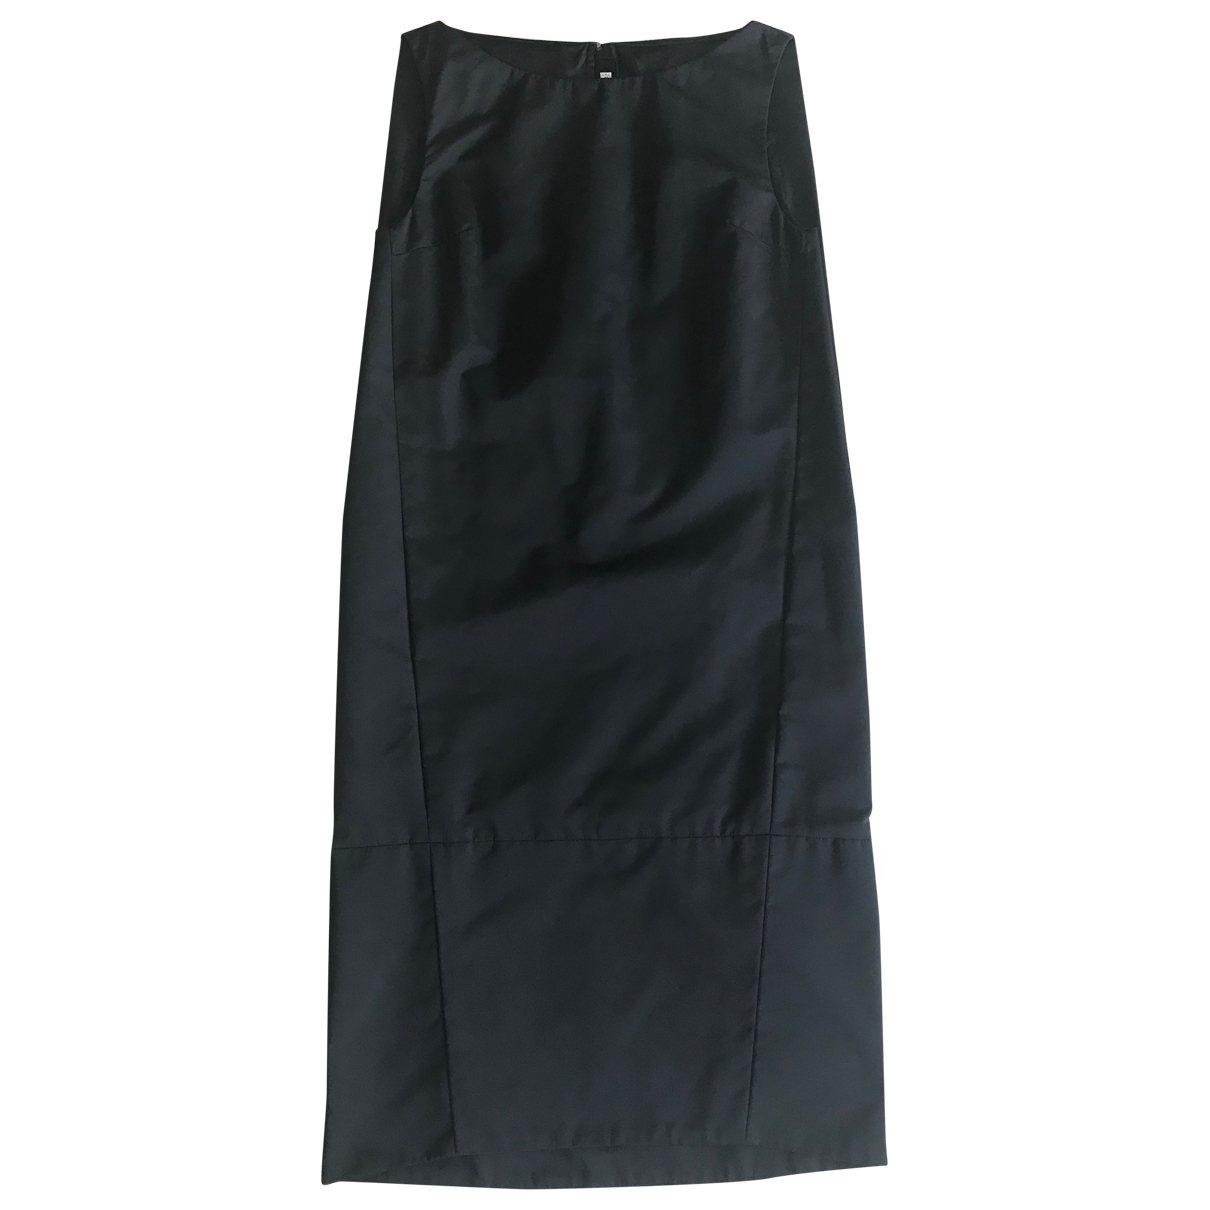 Acne Studios \N Black dress for Women 34 FR